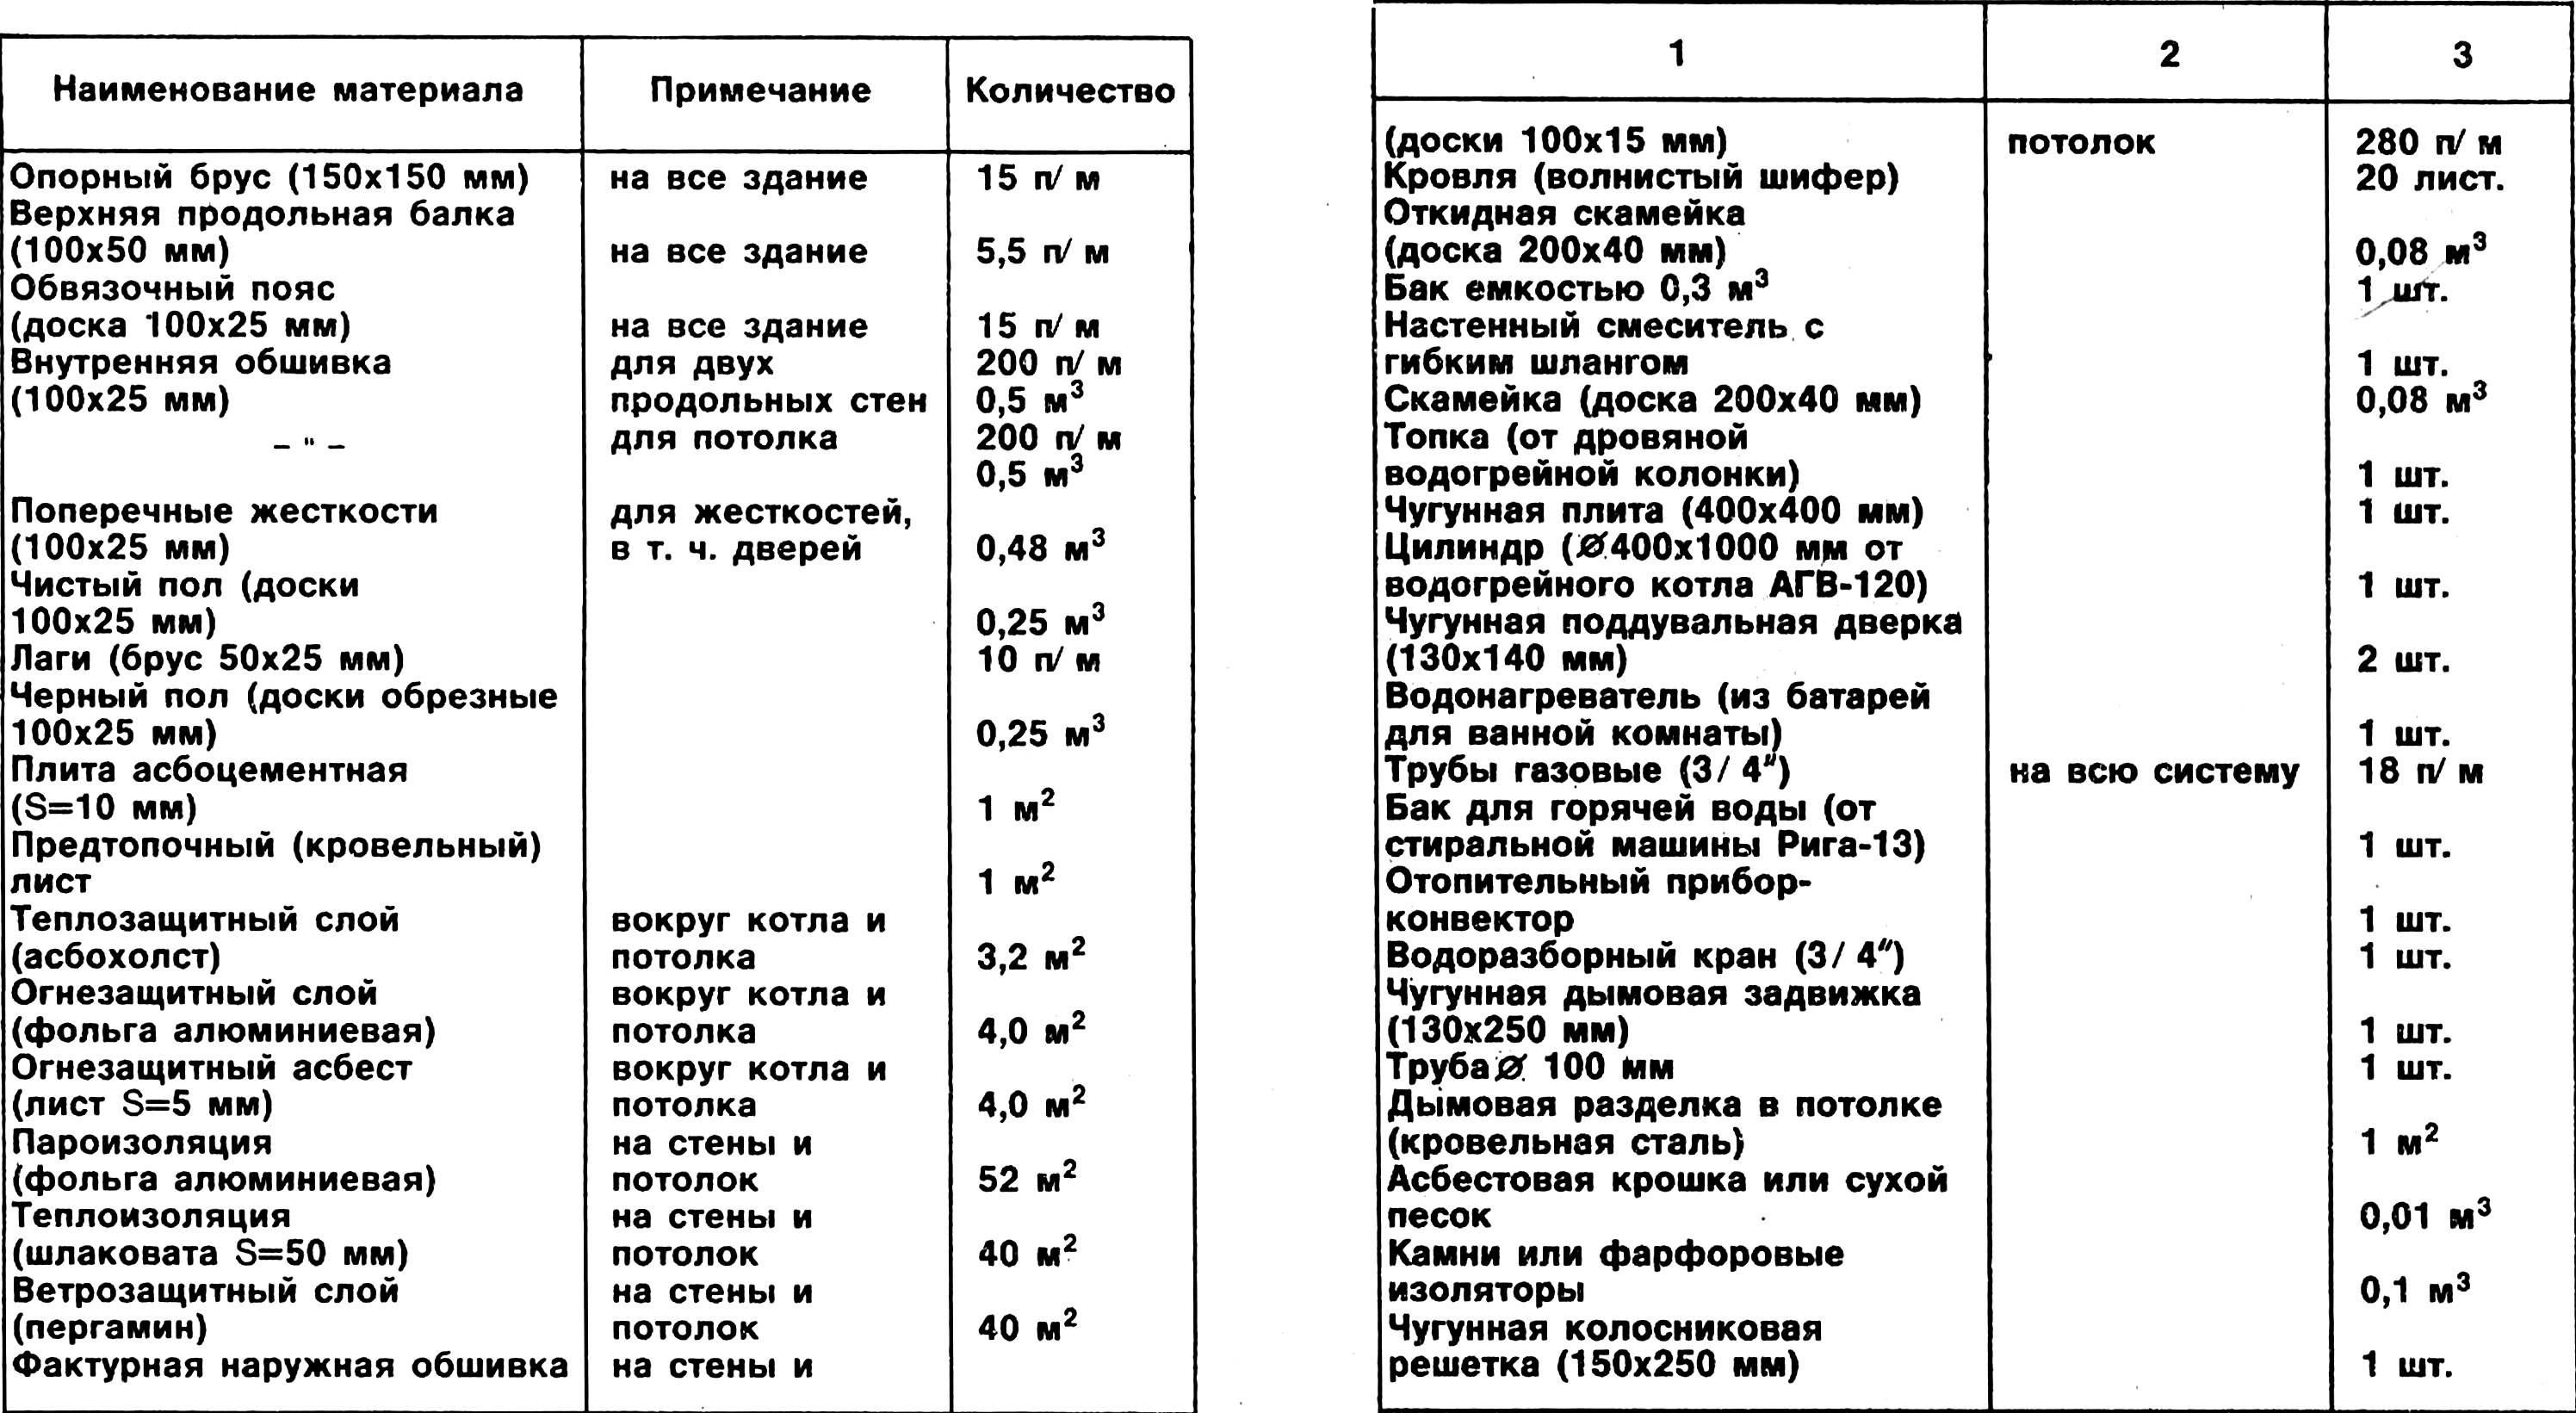 Перечень материалов для сооружения бани.